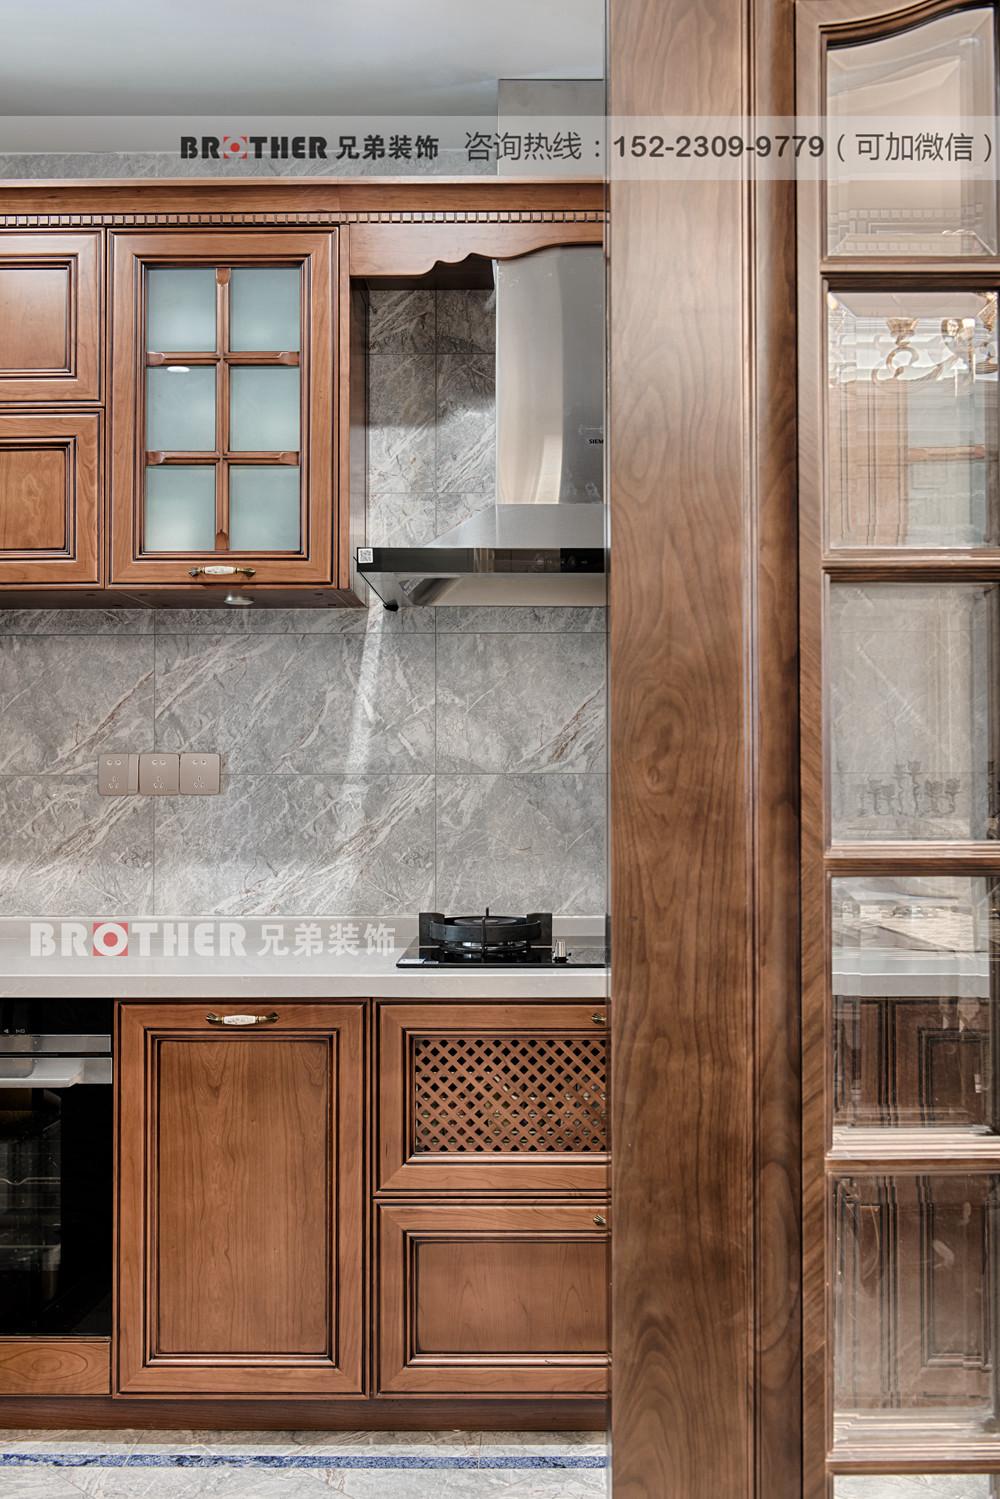 欧式 简约 洋房 客厅 小资 兄弟装饰 公园王府 厨房图片来自兄弟装饰-蒋林明在金科公园王府设计|洋房装修公司的分享